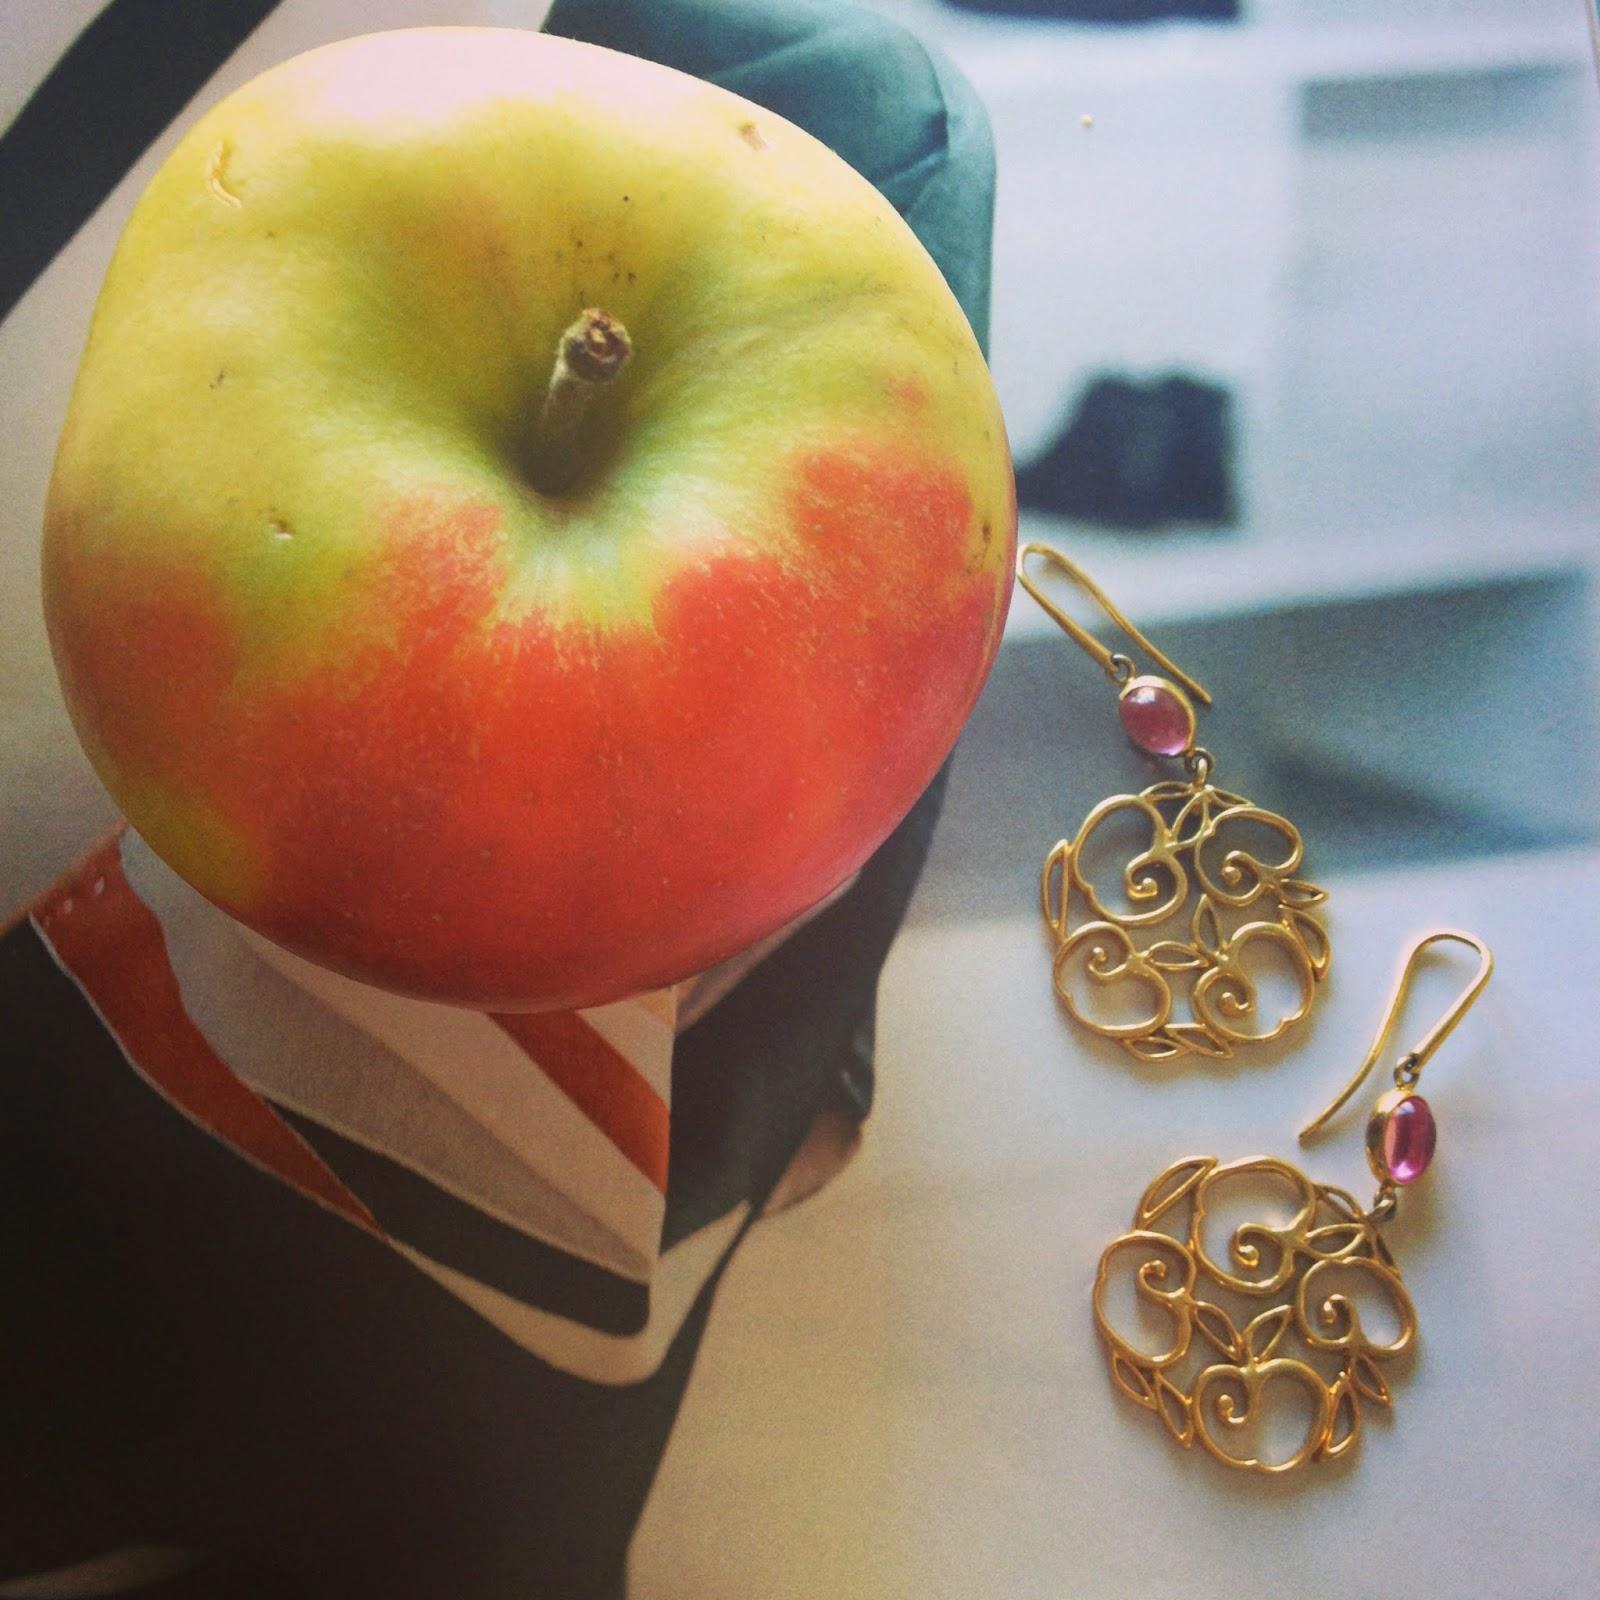 fashion-bridge, fashion bridge blog, www.fashion-bridge.blogspot.com apple earrings, earrings by Jak Joten, Tres Jewellery, silver earrings, goldplated earrings, earrings Tres Jewellery, shop Jak Joten, shop apple earrings